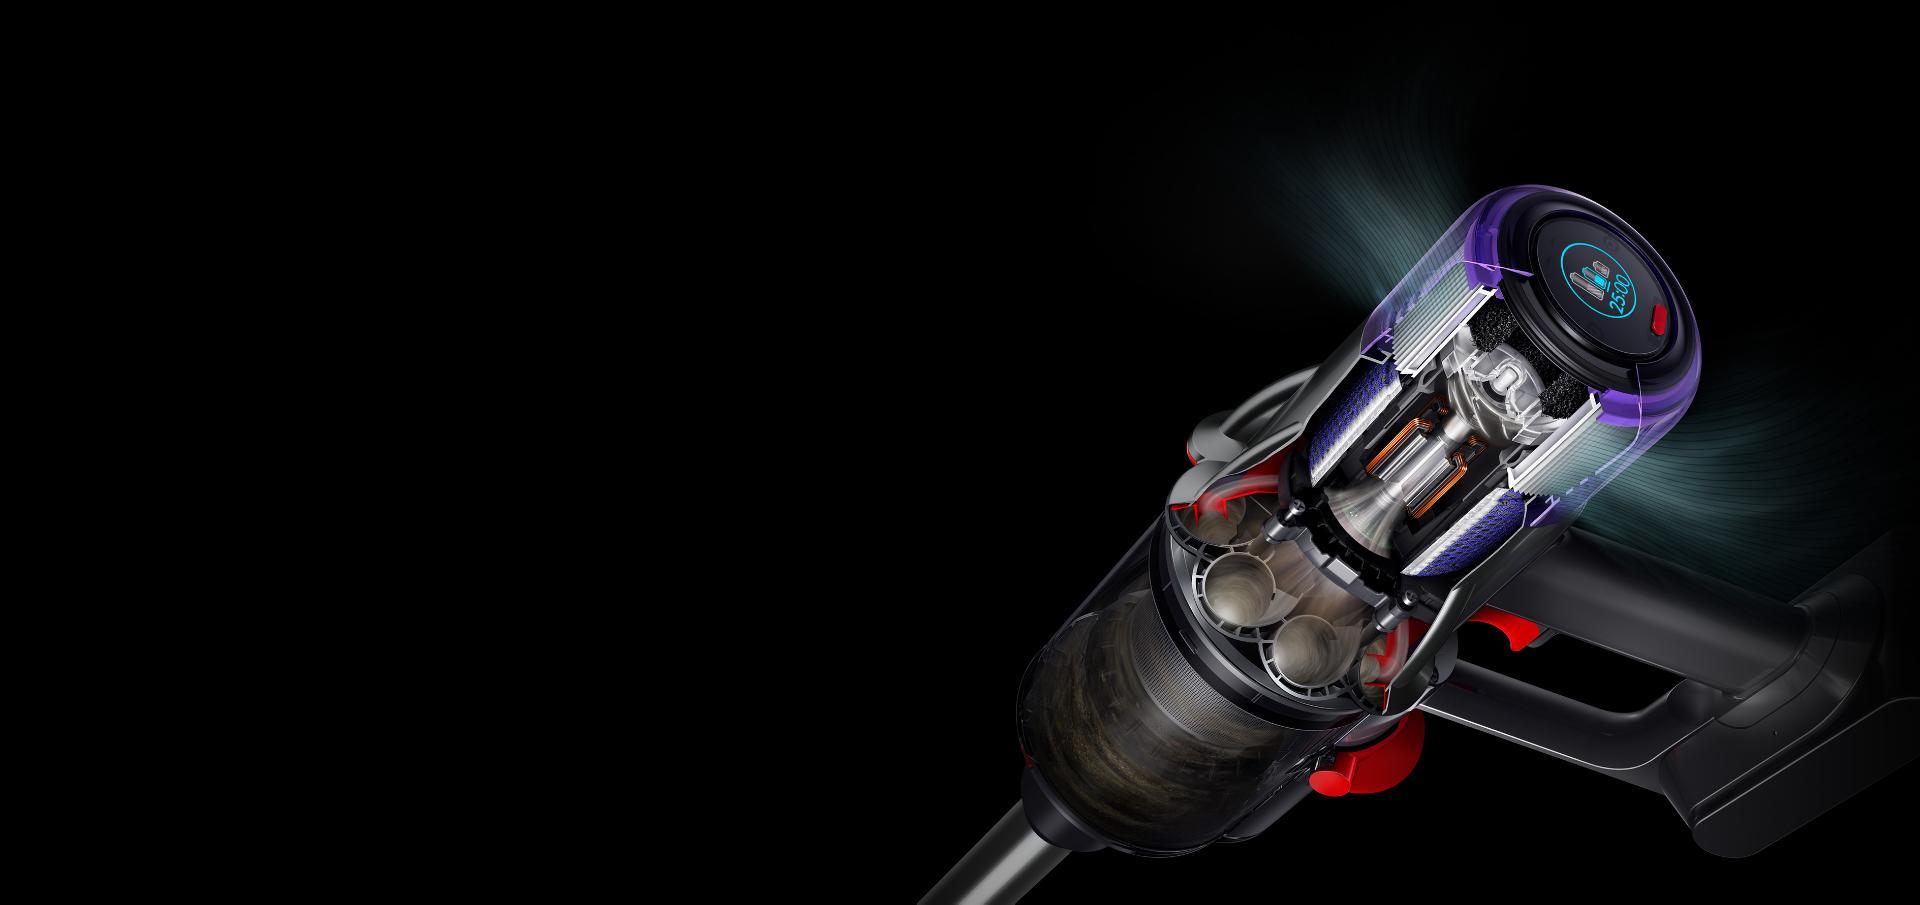 ภาพตัดขวางแสดงให้เห็นมอเตอร์และตัวกรองภายในเครื่องดูดฝุ่น